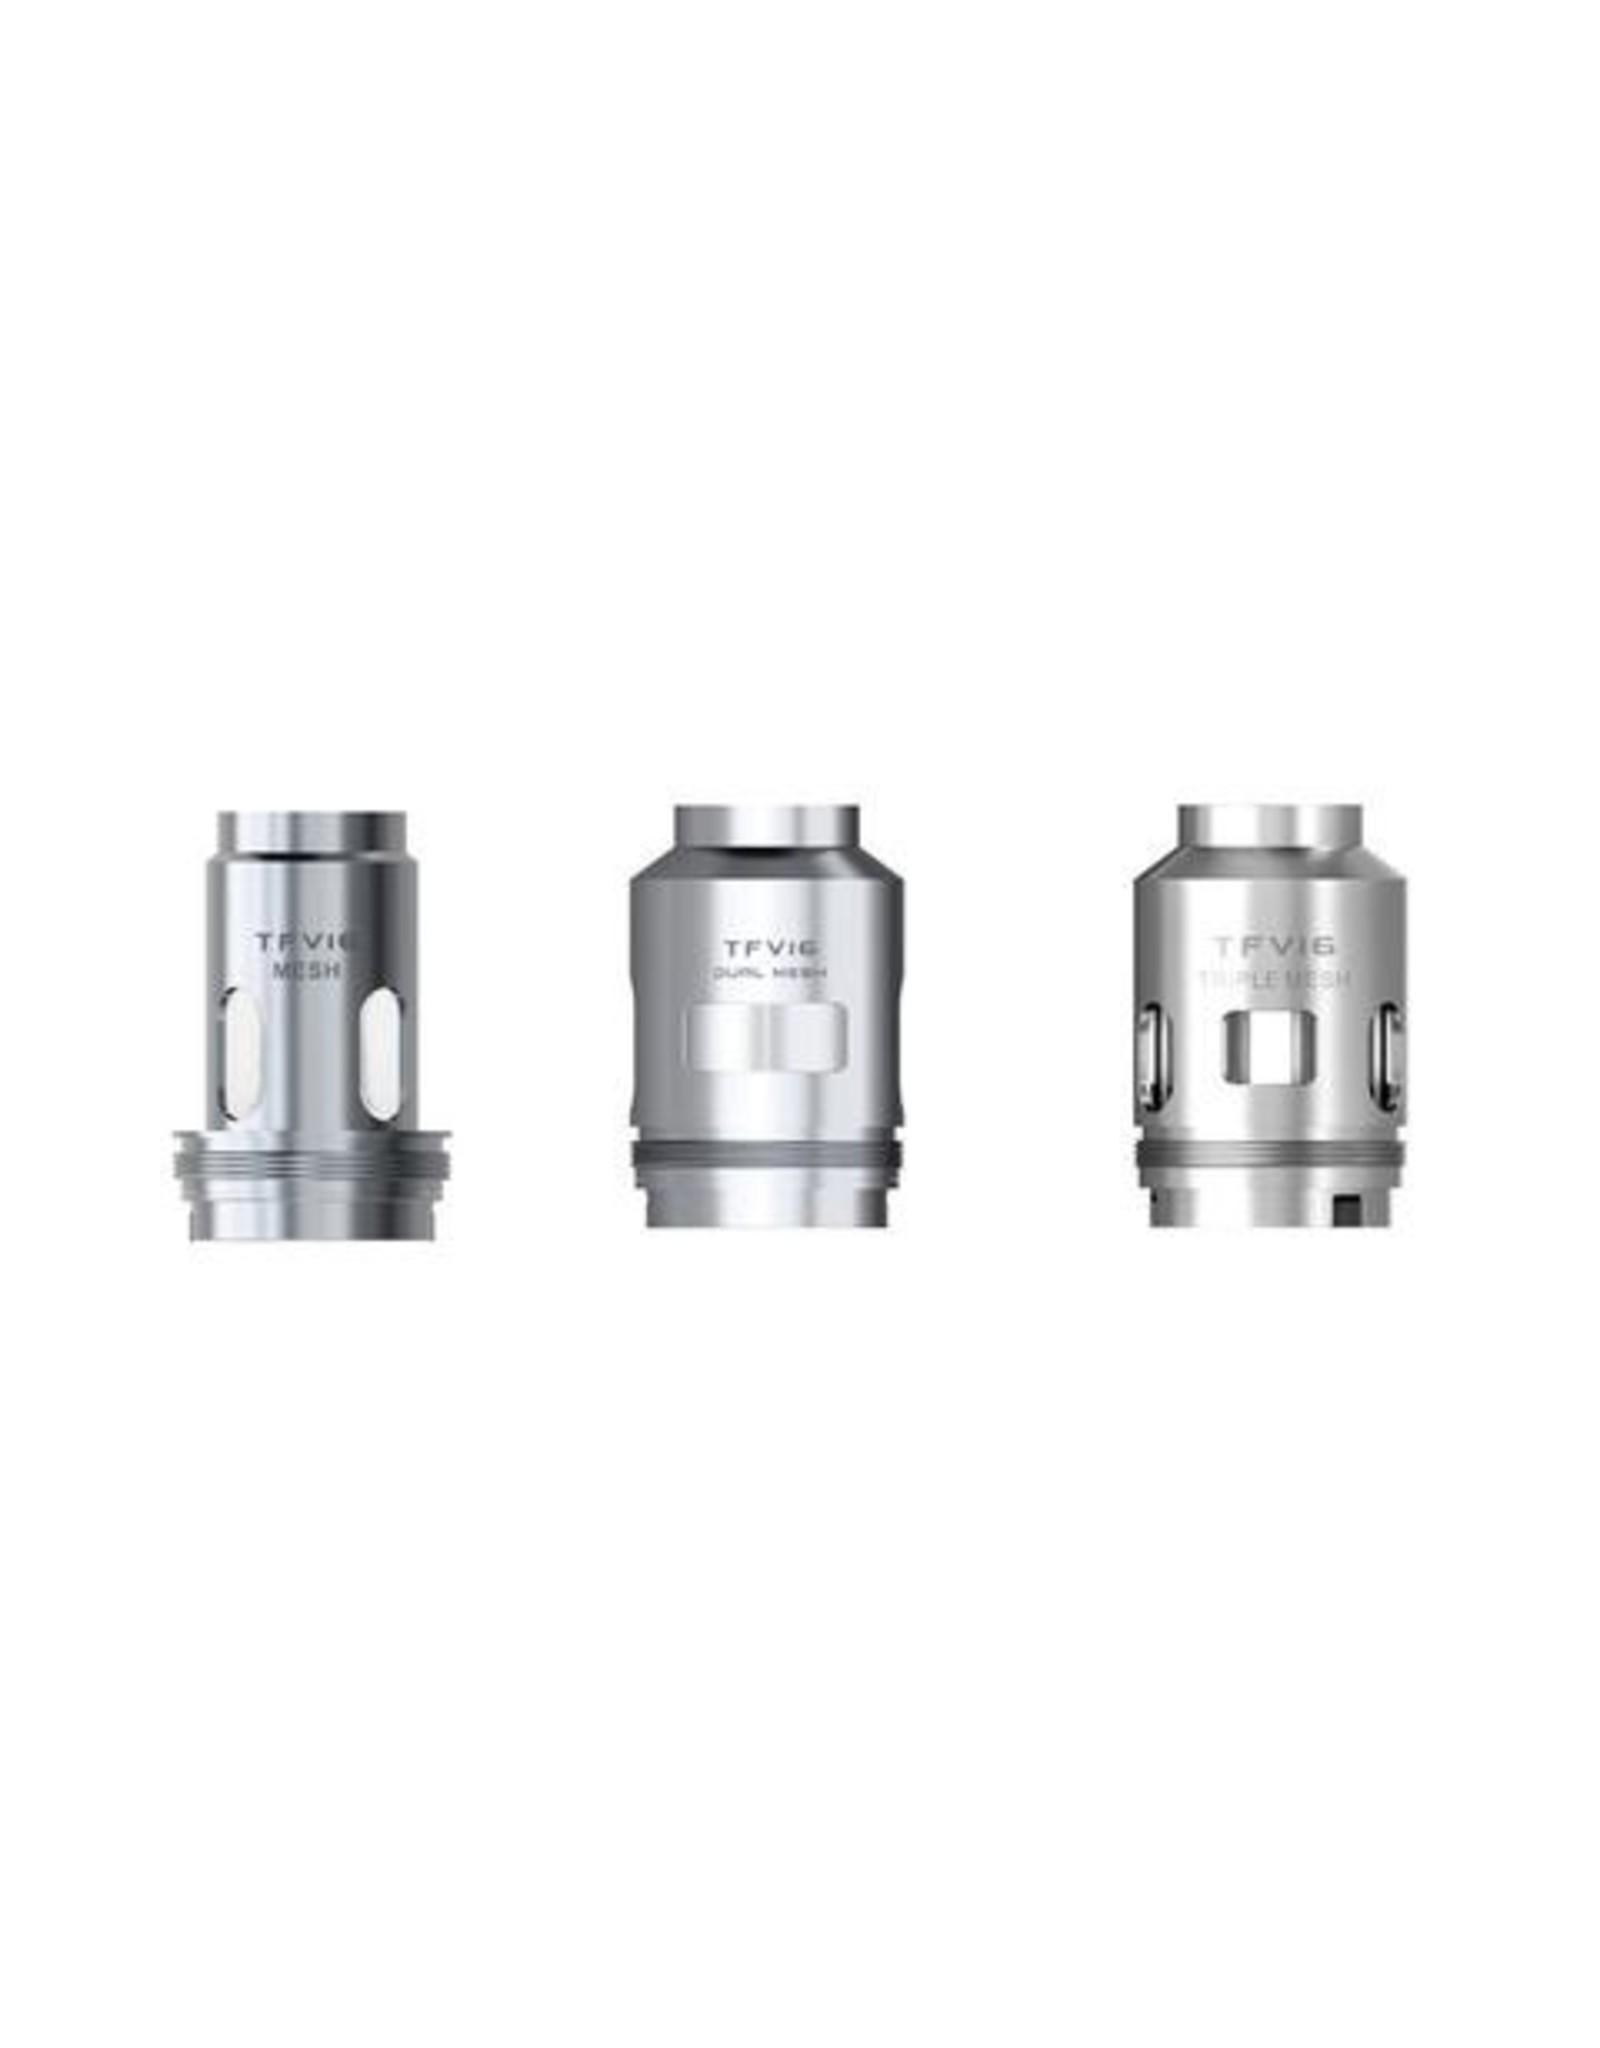 SMOK SMOK TFV16 Replacement Coils